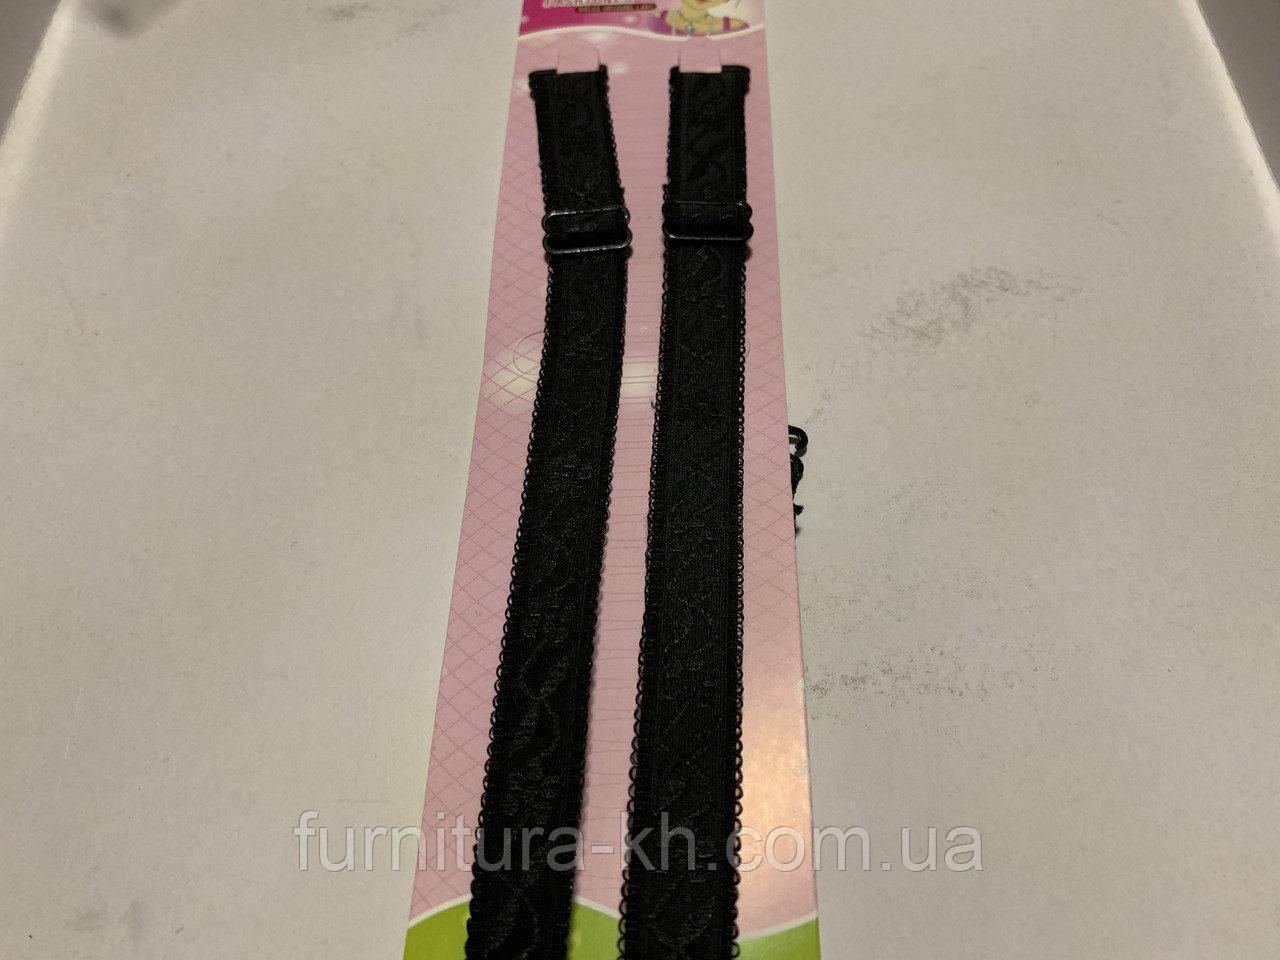 Бретели для бюстгальтера (ширина 15 мм) цвет черный